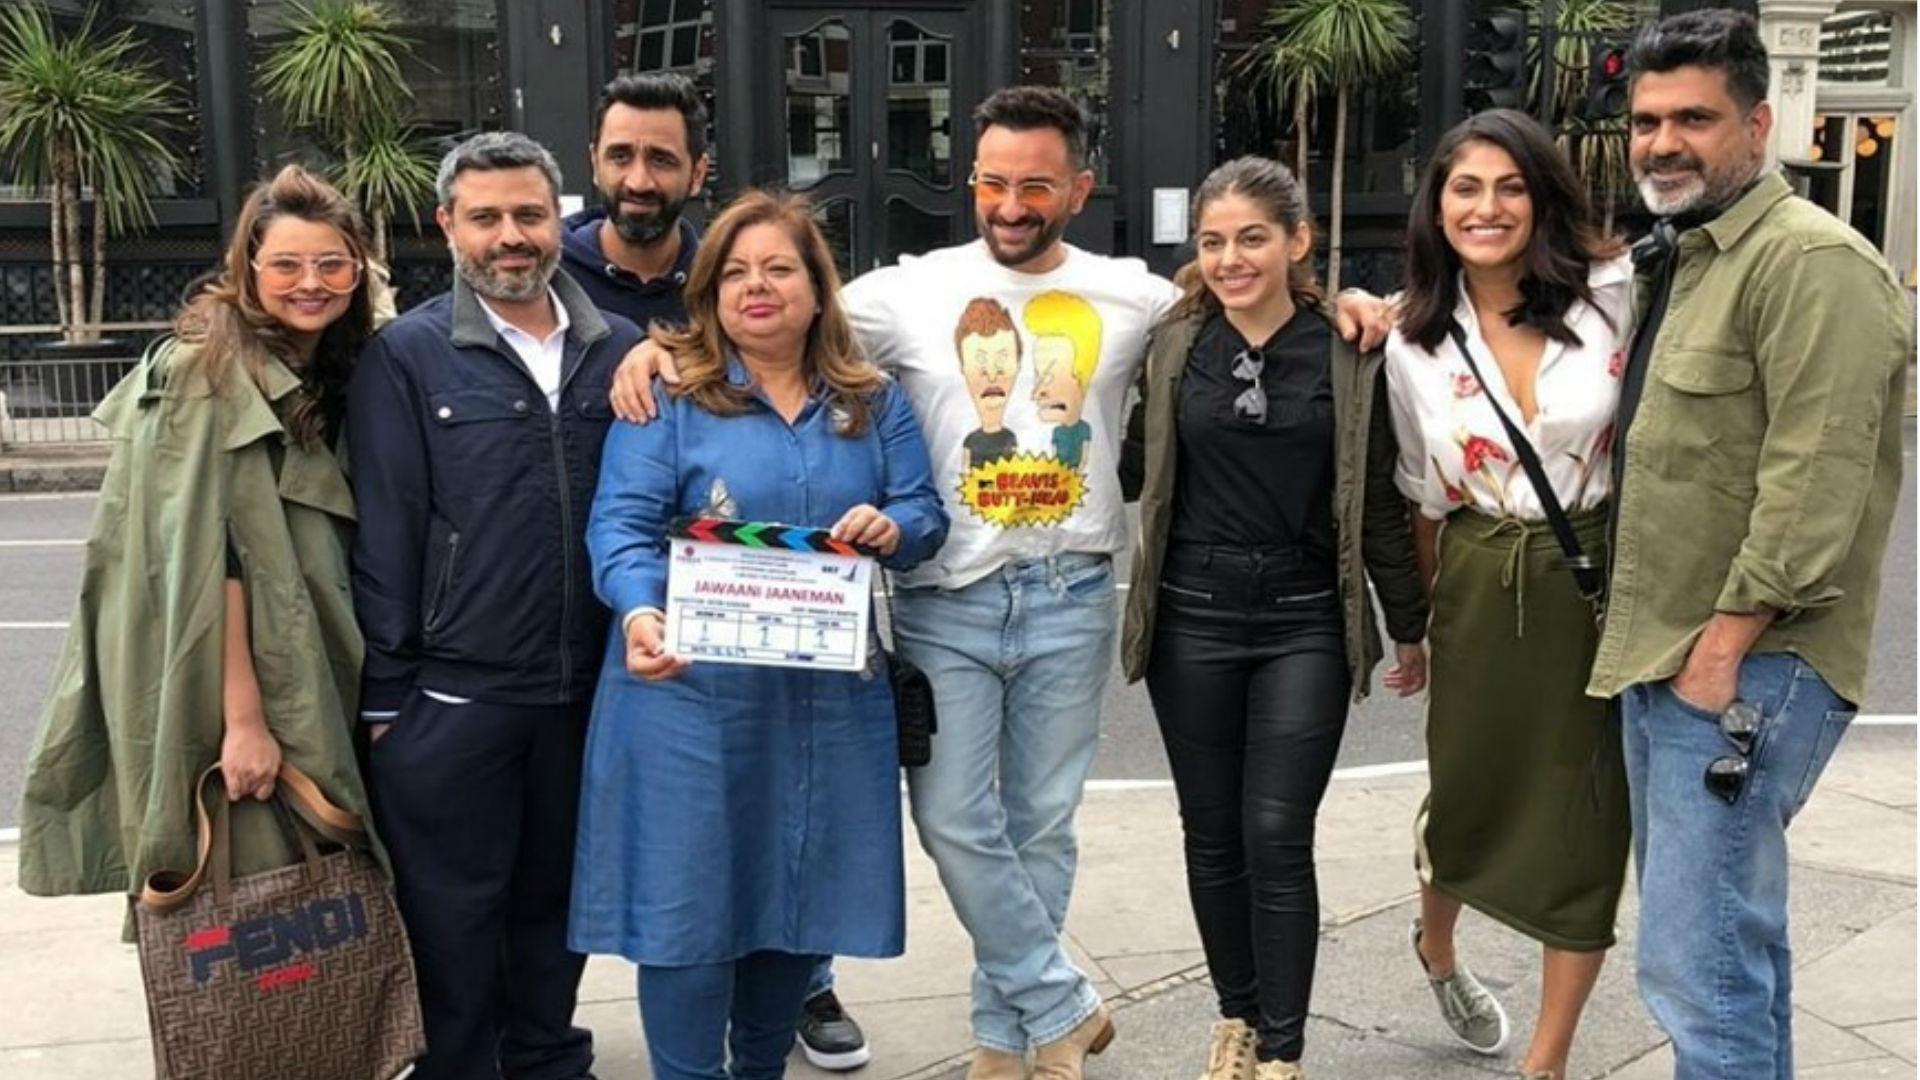 Jawaani Jaaneman Movie: सैफ अली खान-आलिया फर्नीचरवाला ने लंदन में शुरू की फिल्म की शूटिंग, सेट से आई तस्वीरें